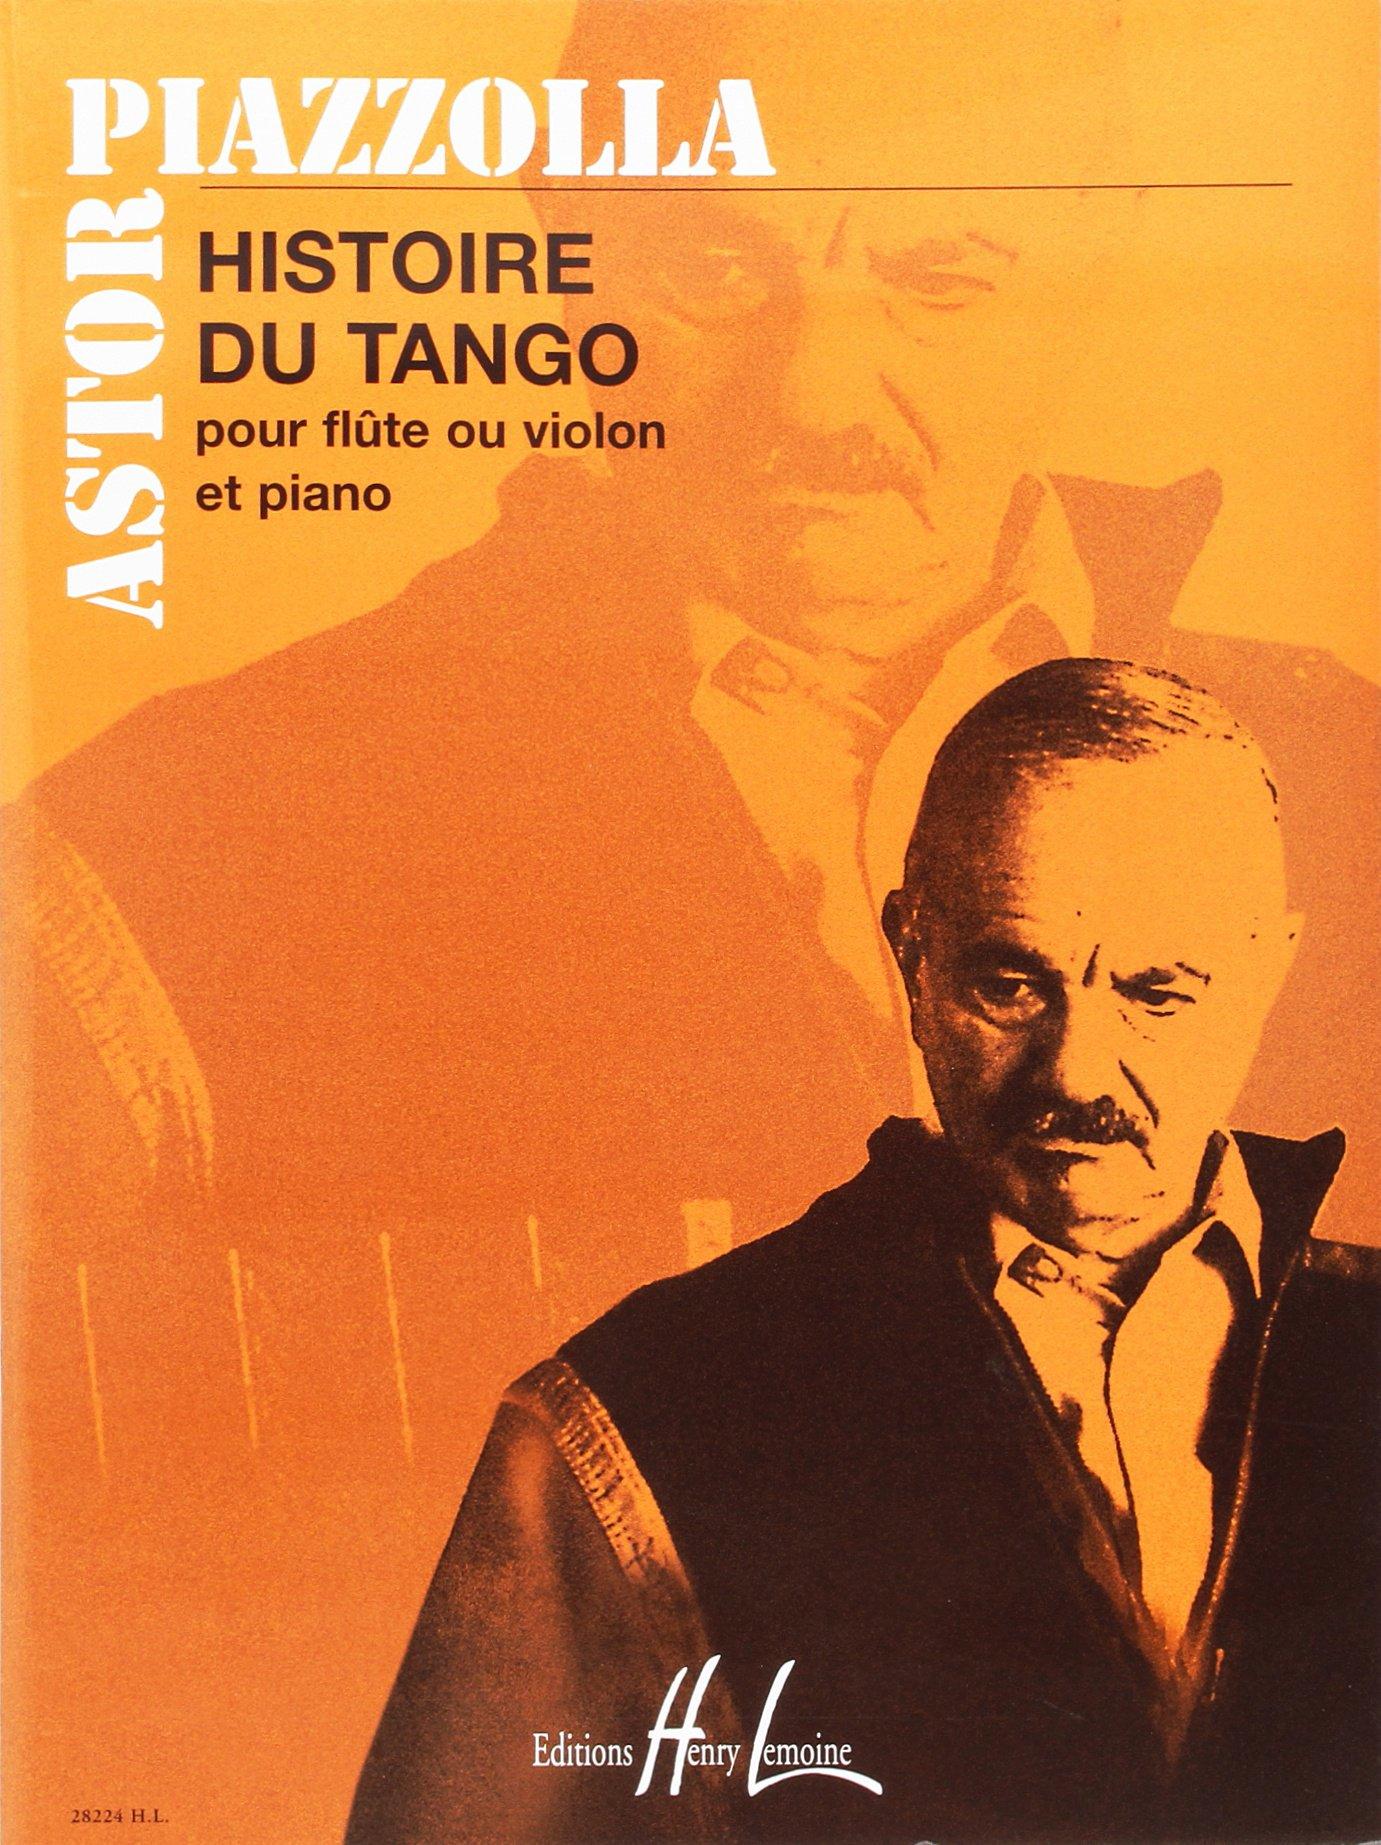 HISTOIRE DU TANGO FLUTE & PIANO: Amazon.es: ASTOR PIAZZOLLA: Libros en idiomas extranjeros